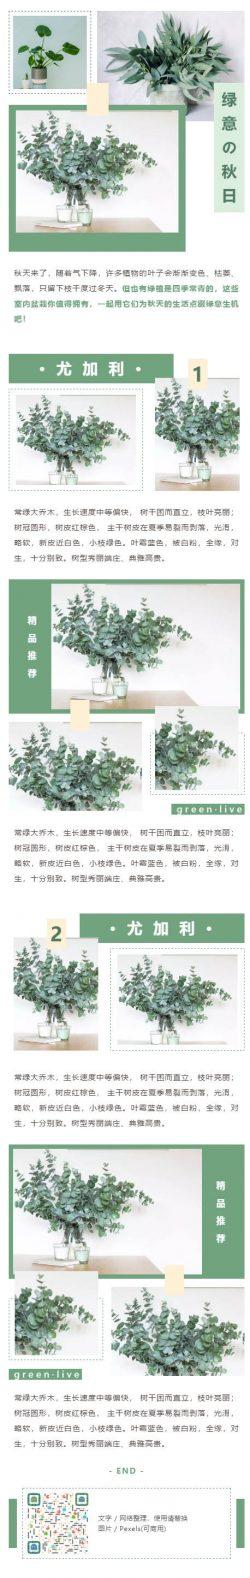 绿意绿植绿色植物微信公众号推文模板推送素材